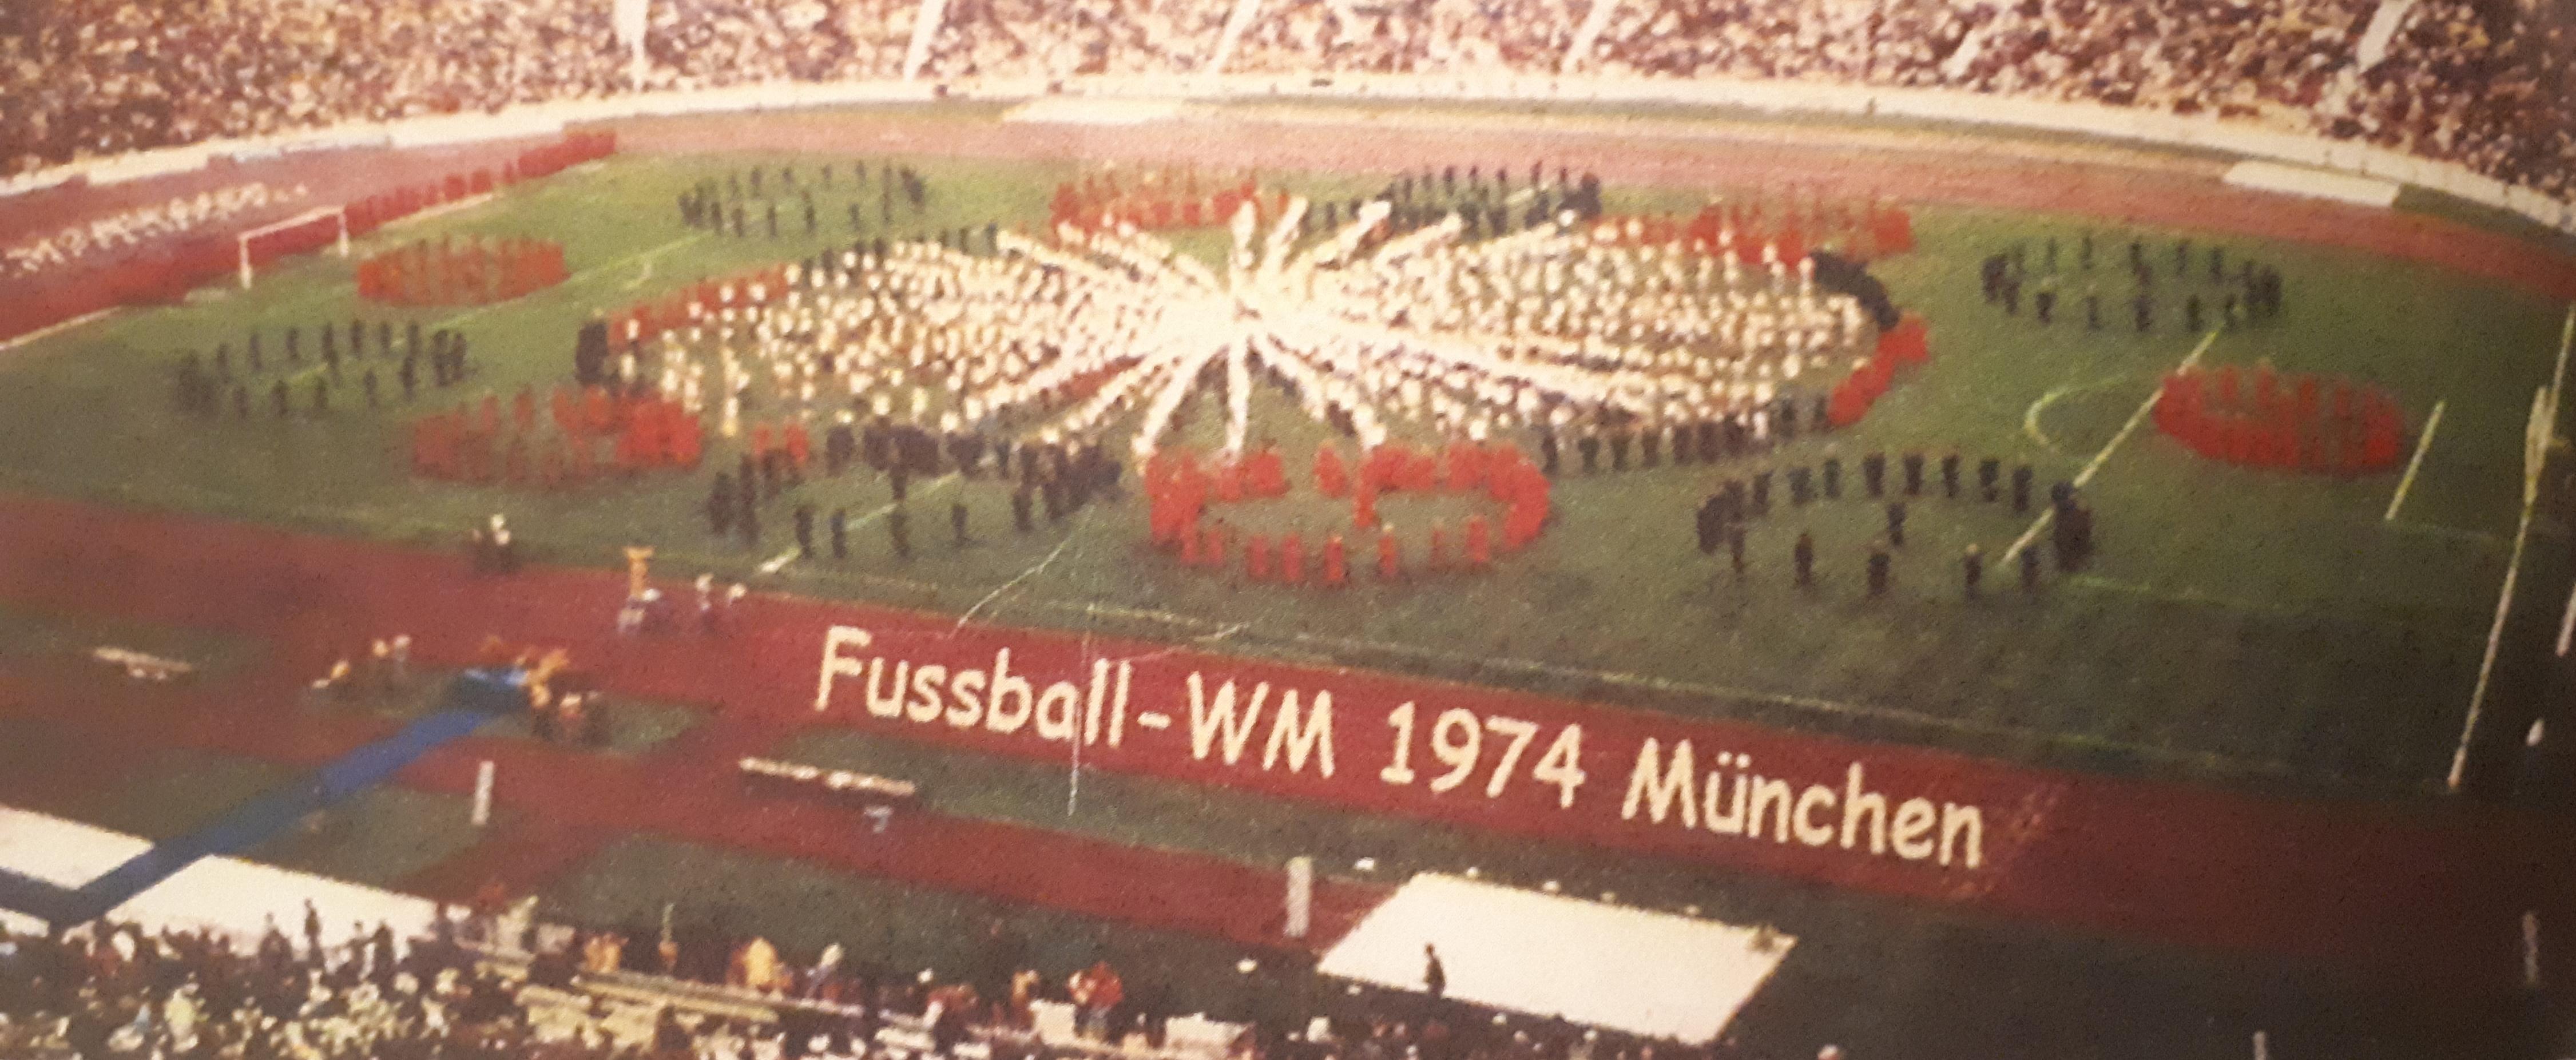 Vor dem WM Finale 1974 in München dirigierte Fischer seine Chöre im Olympiastadion - eine Milliarde Menschen an den Fernsehbildschirmen schauten zu